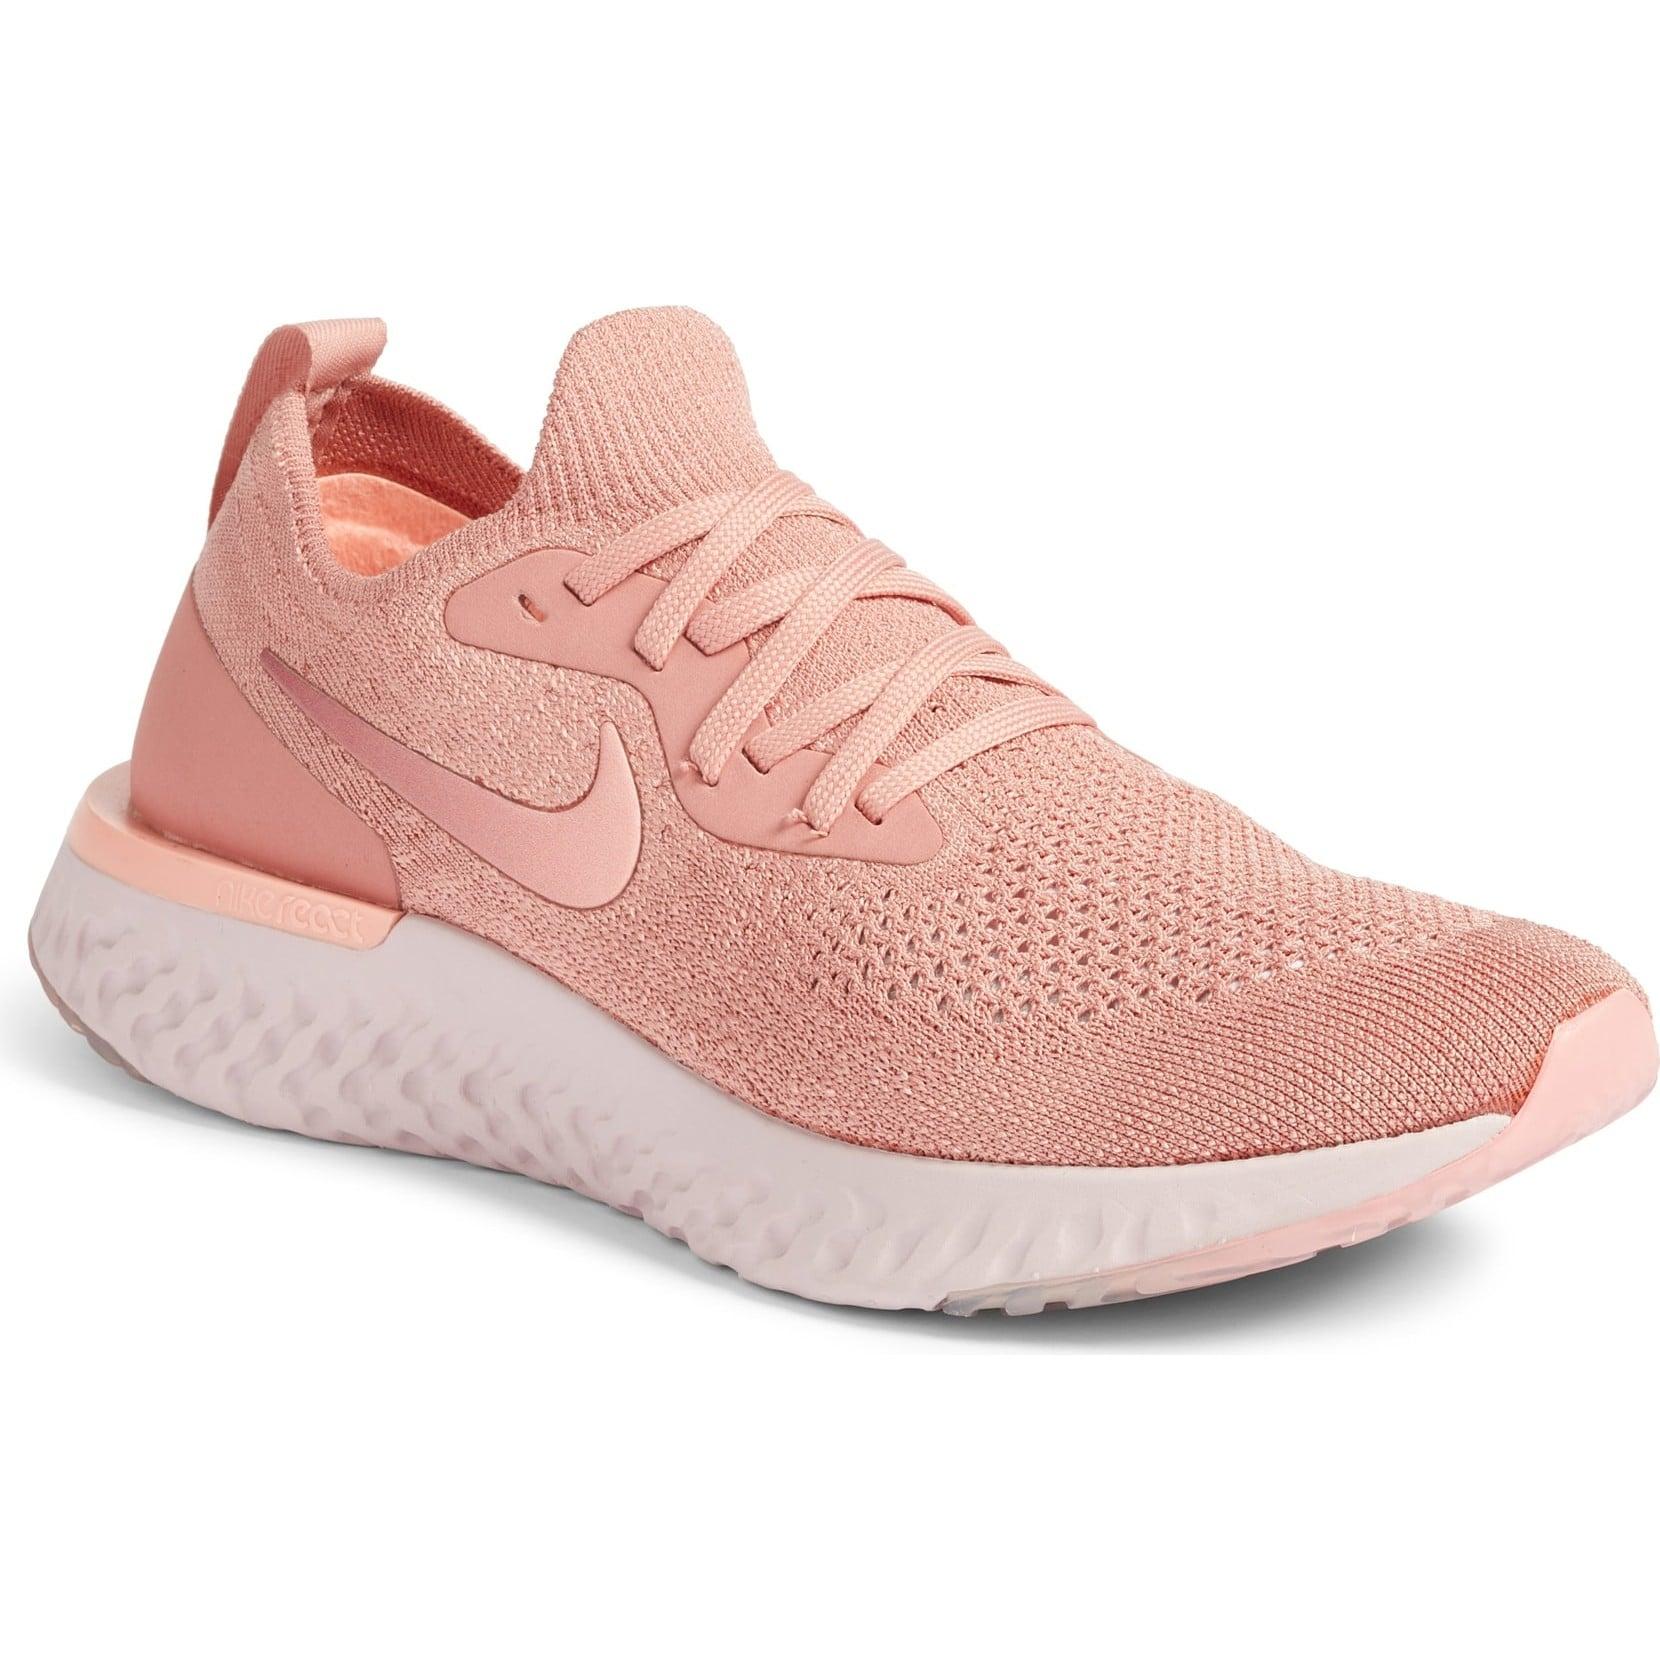 Best Sneakers For Women Fall 2018